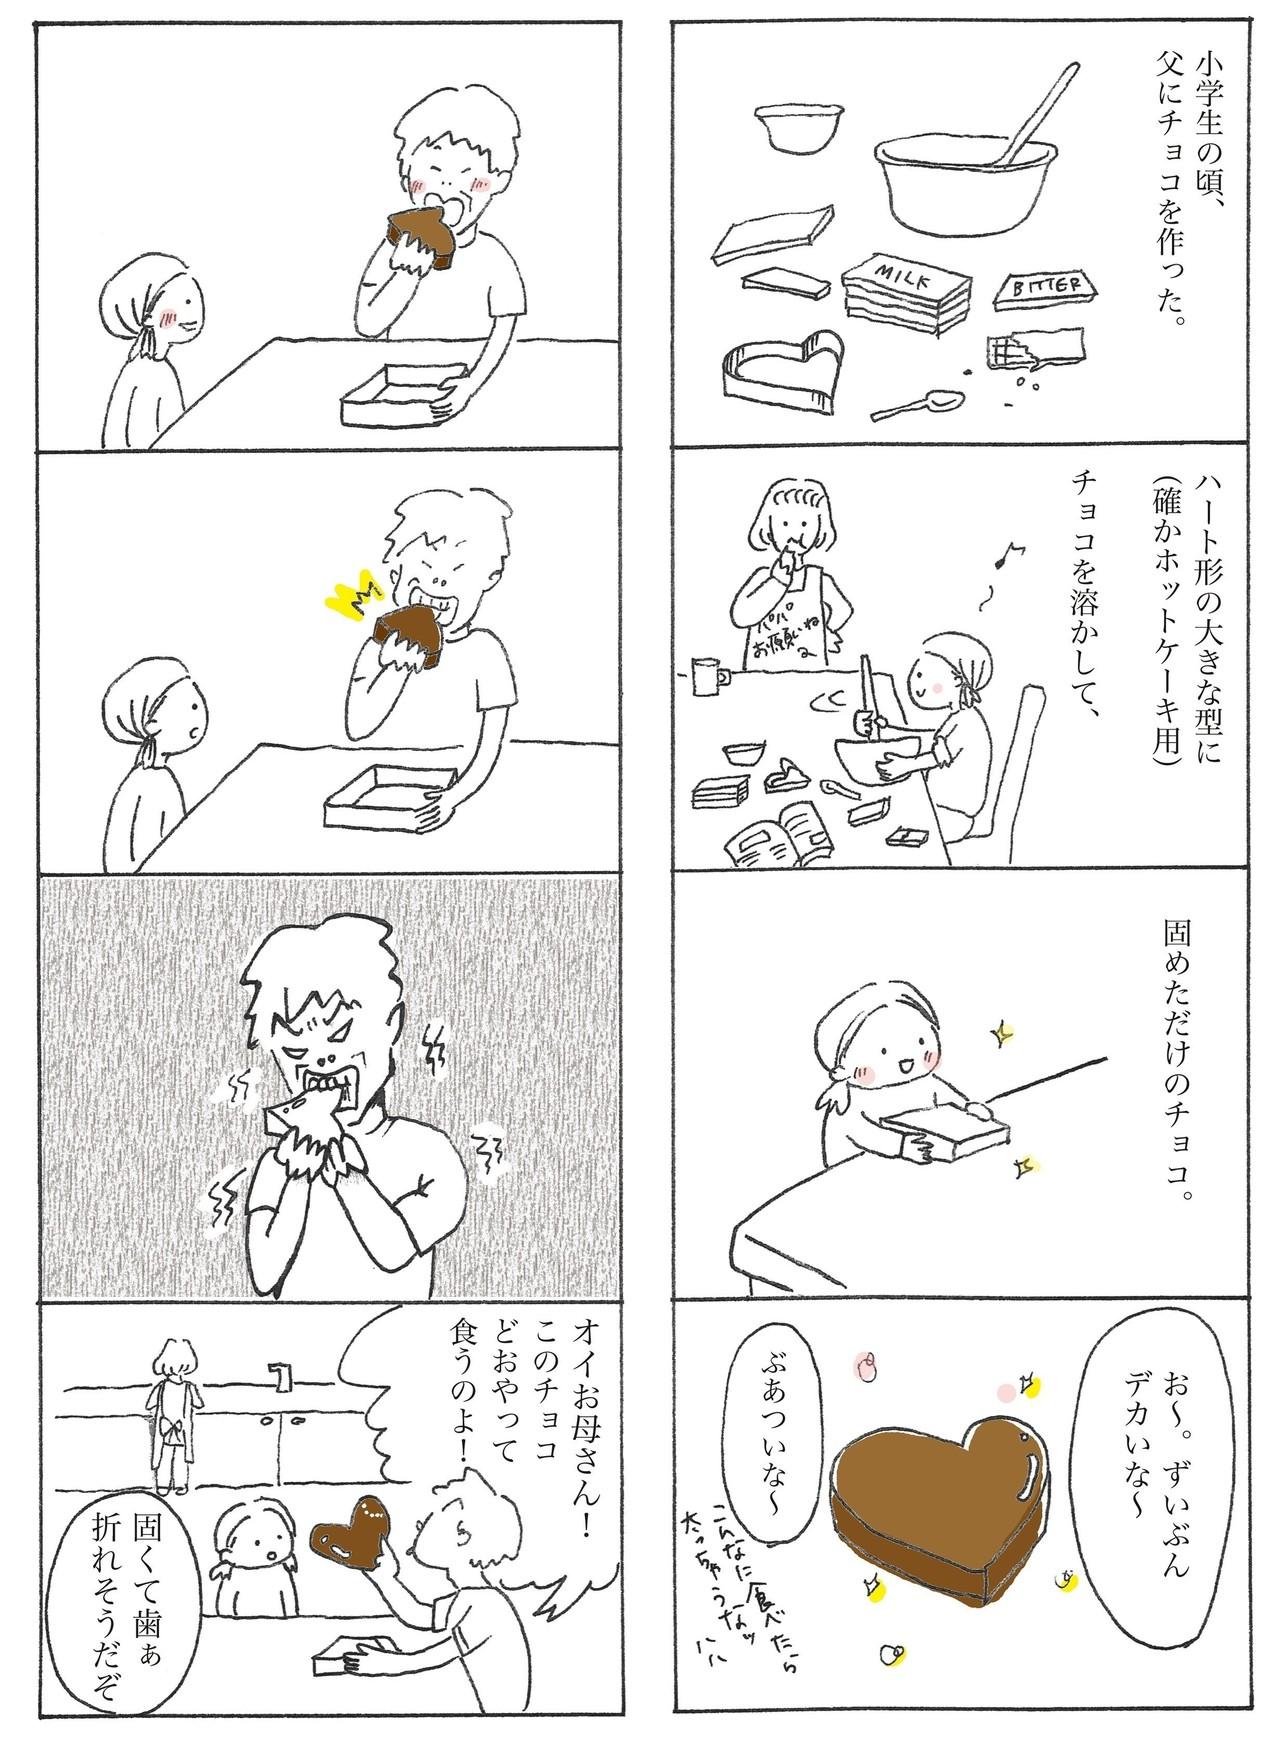 噛み切れないほどの分厚いチョコをなんとか食べてくれた父。忙しいなかチョコ作りに付き合ってくれた母もありがとう。